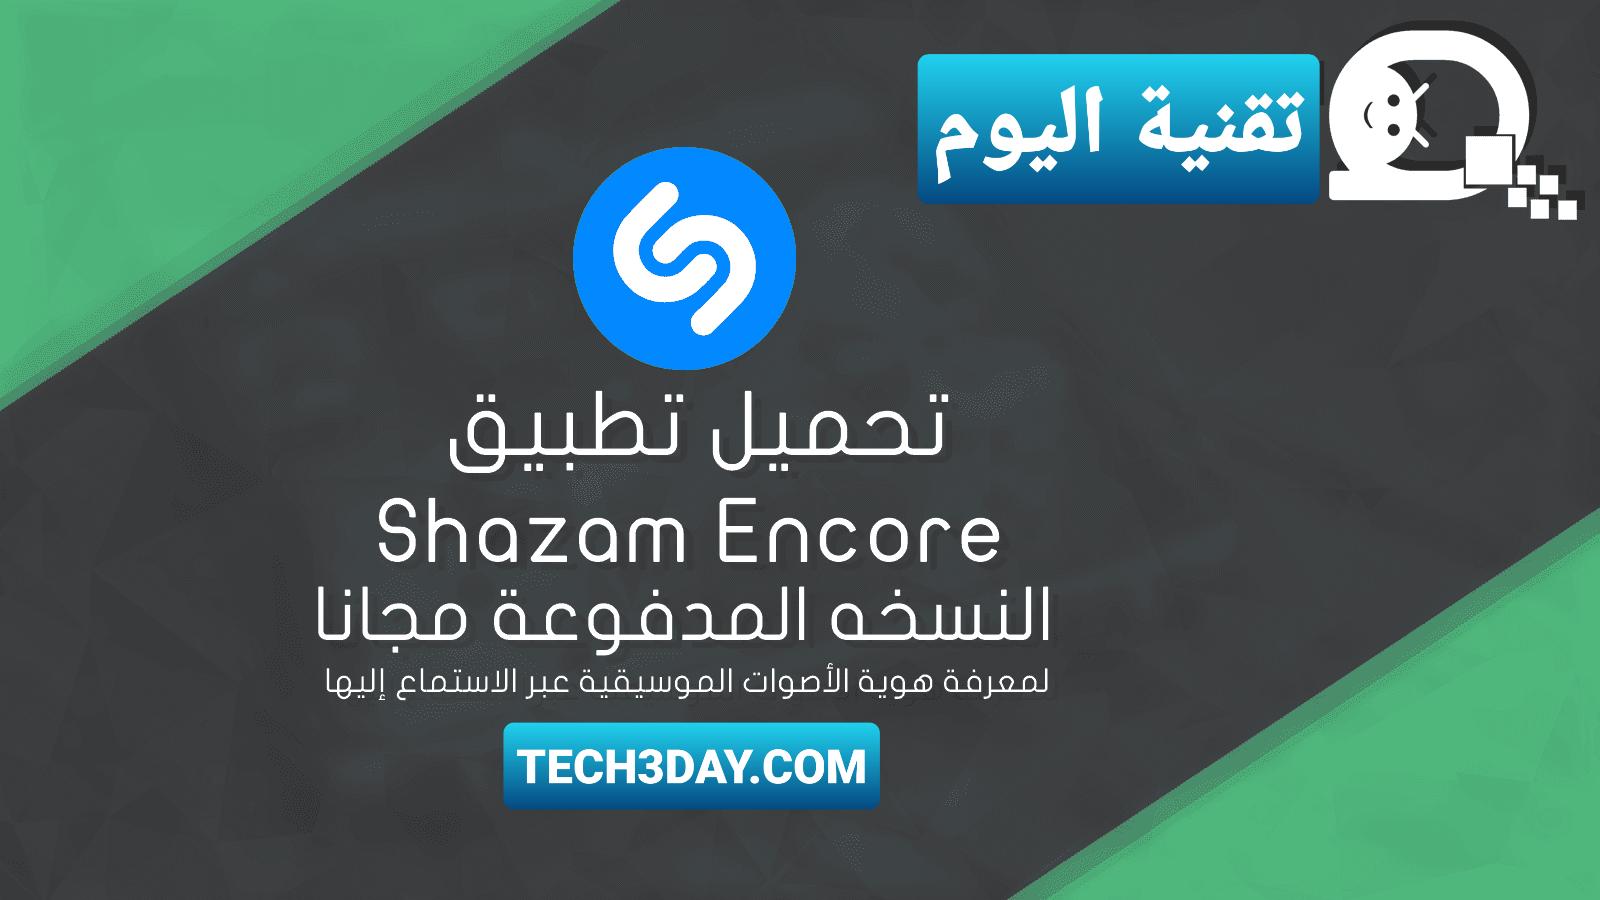 تحميل تطبيق Shazam premium لمعرفة كلمات الأغاني على هاتفك الذكي